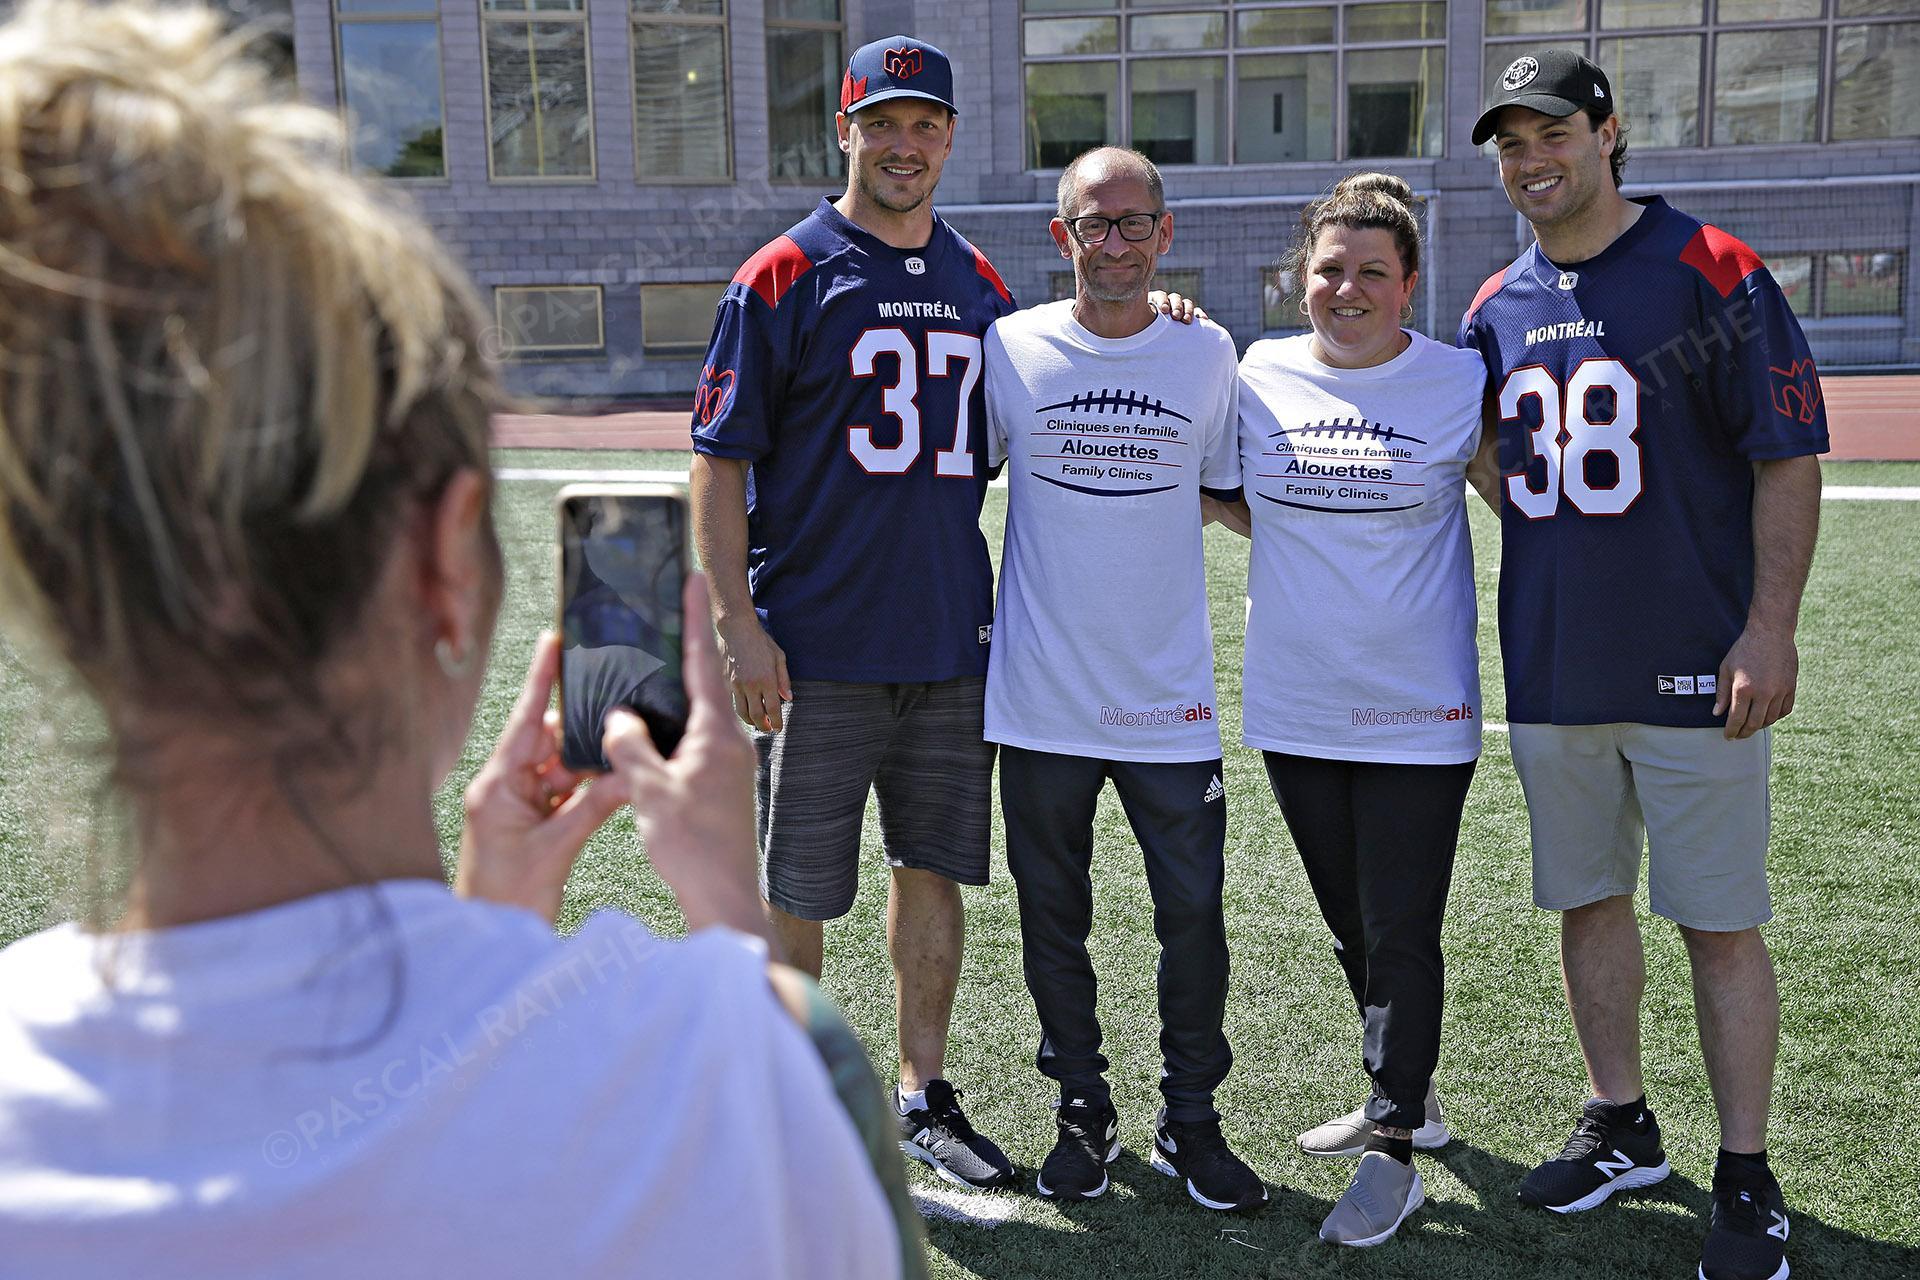 Cliniques Football des Alouettes de Montréal Christophe Martin Bédard et Normand posent avec des fans